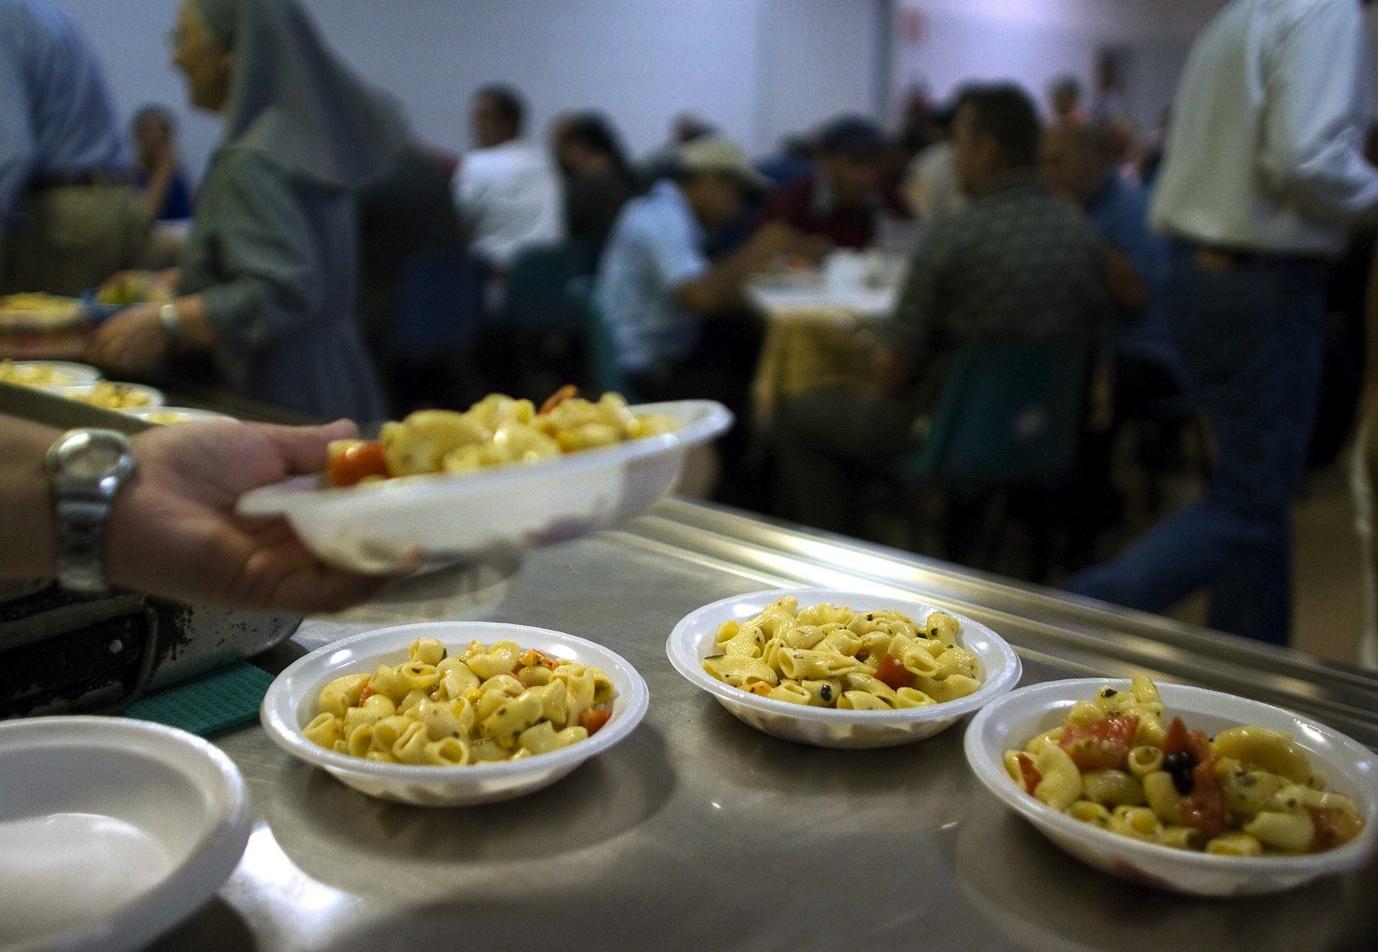 Italia sempre più povera: calano consumi e  fiducia.  Le famiglie perdono 342 euro all'anno